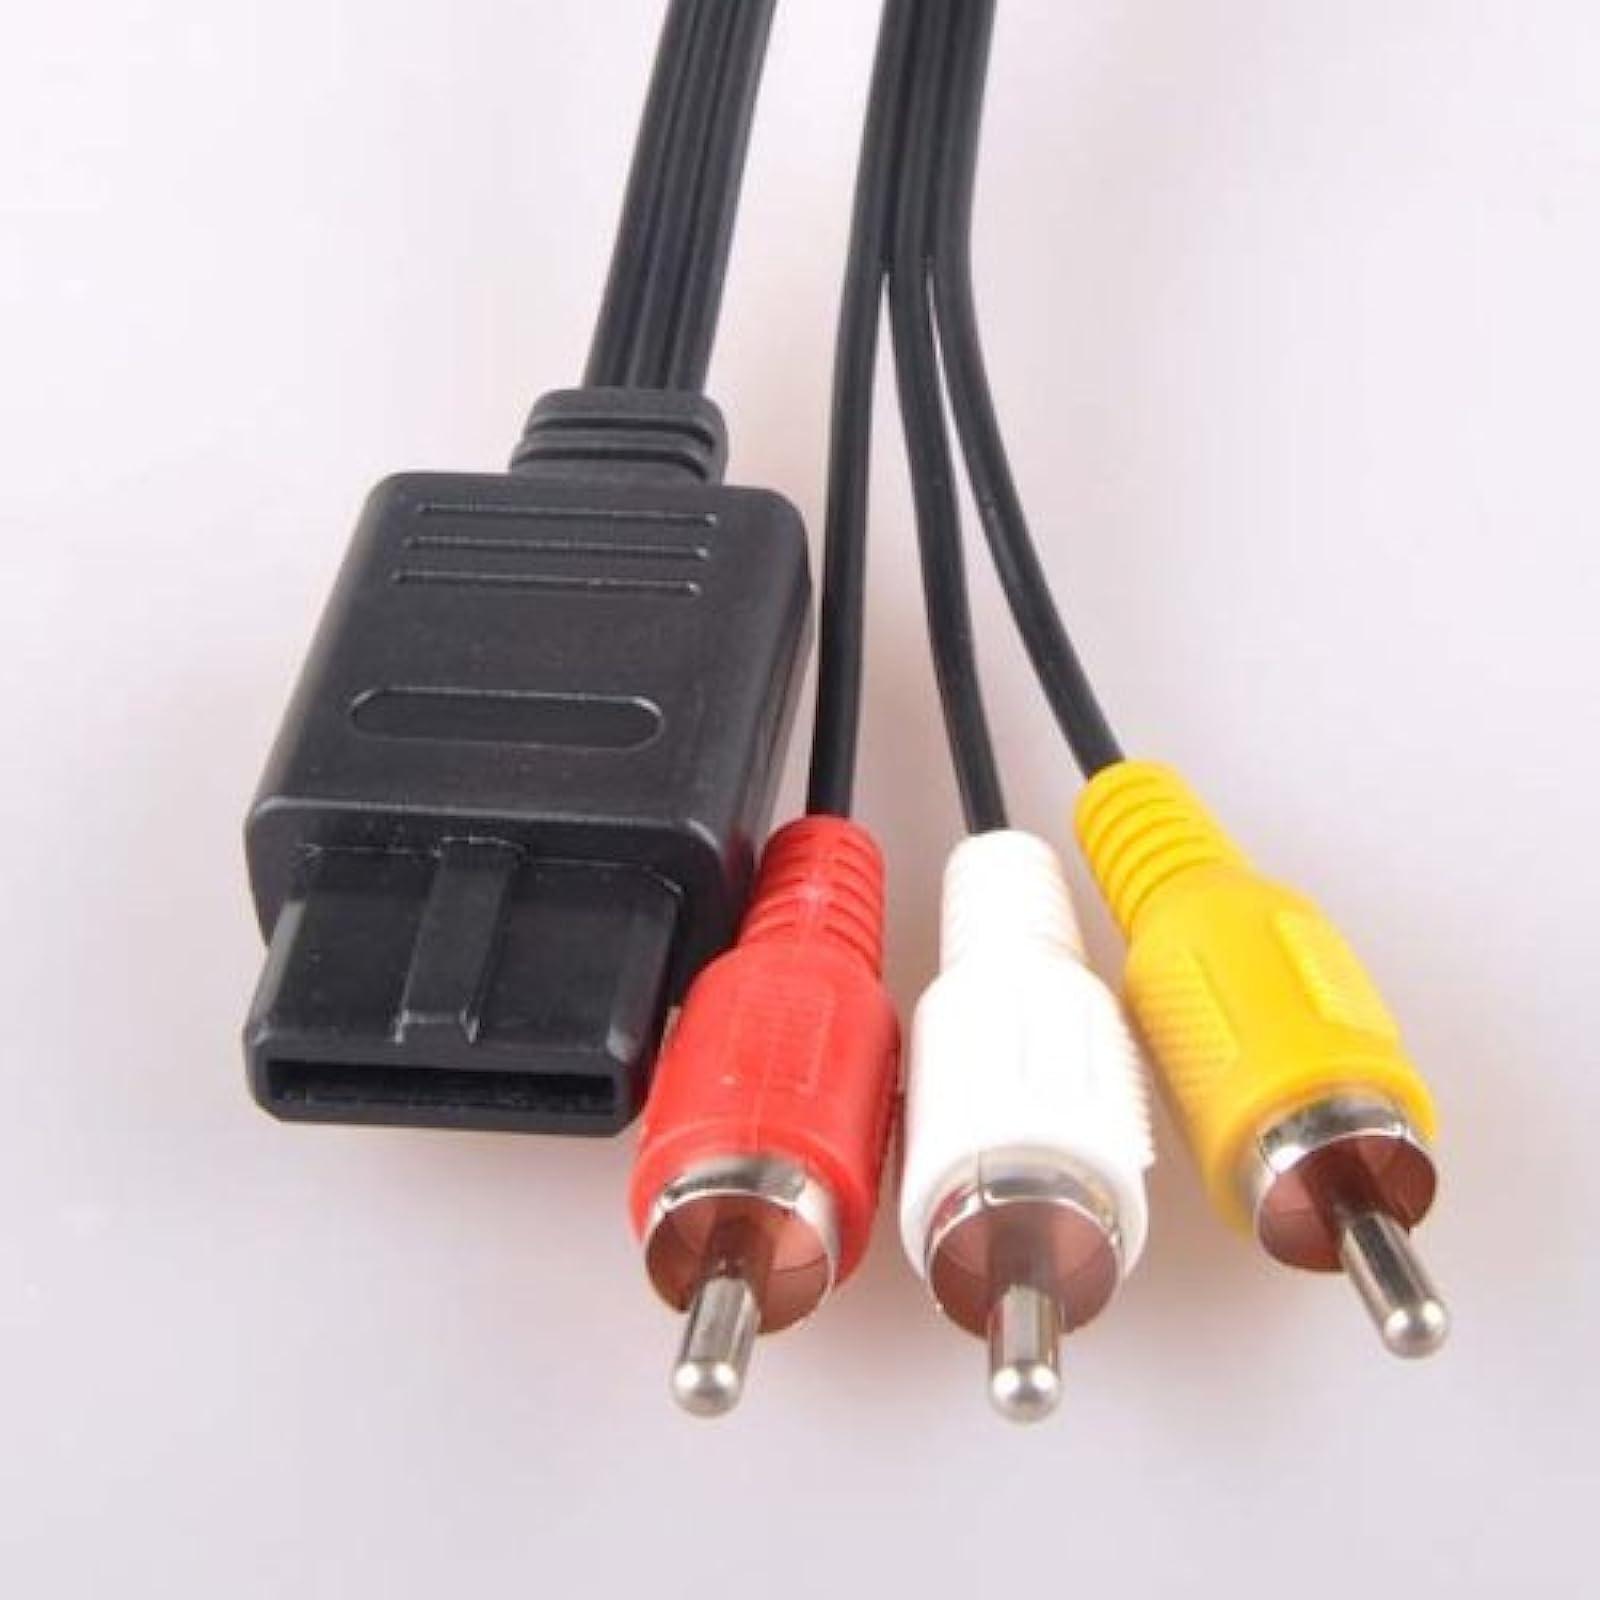 AV Cable For Nintendo GameCube SNES GC N64 Cord